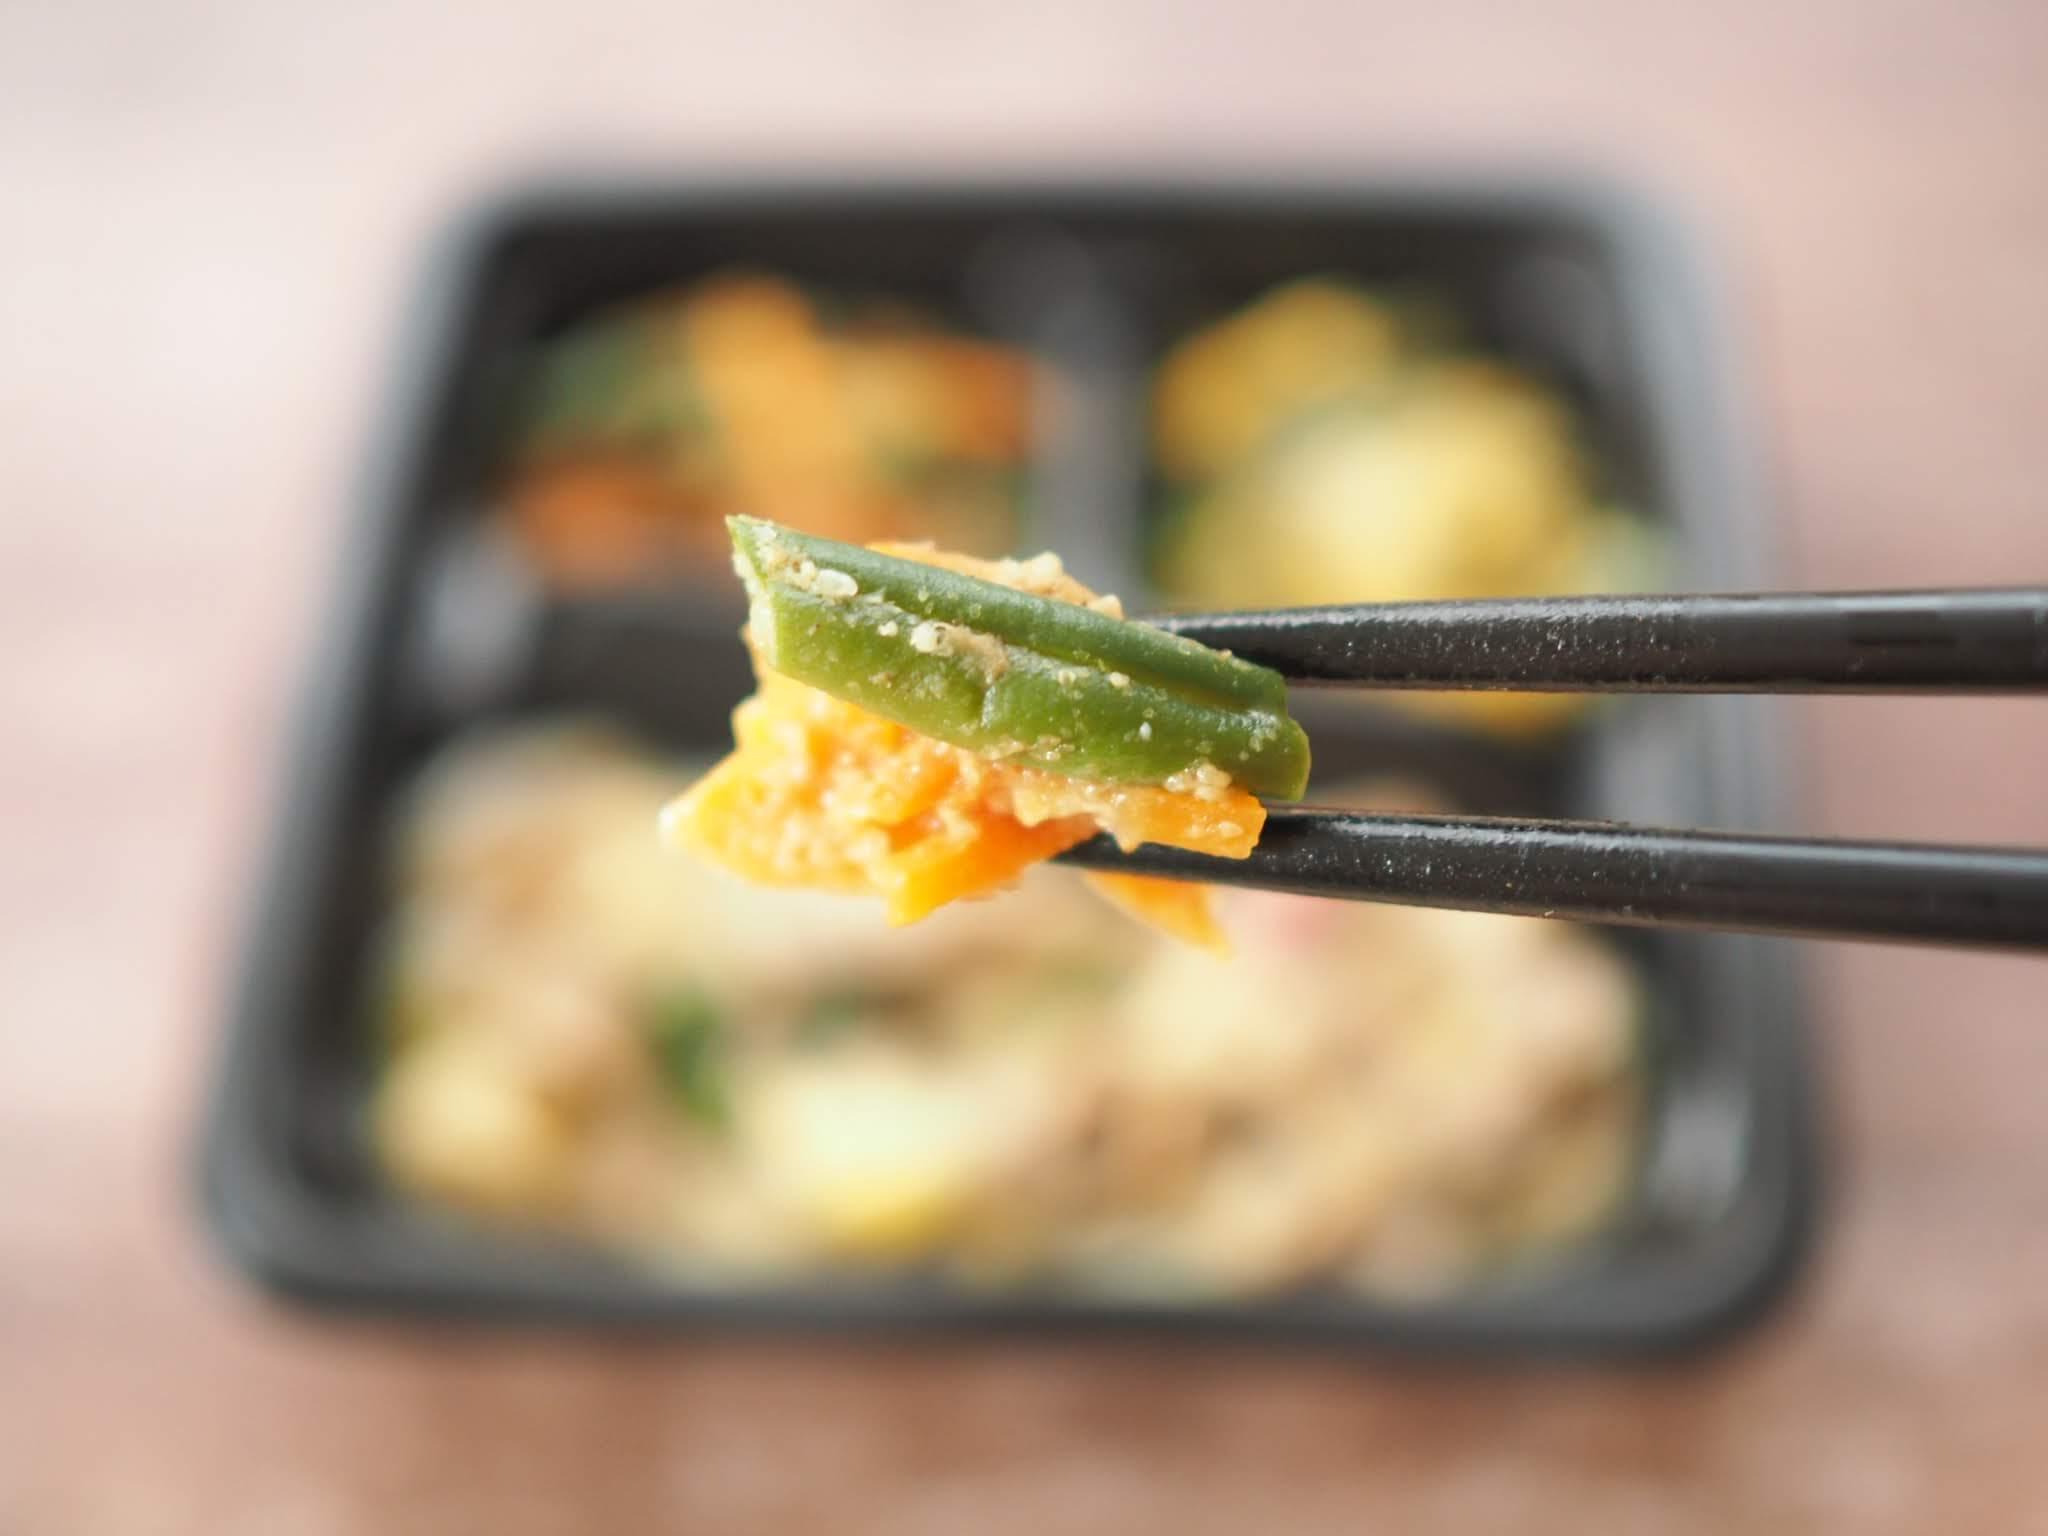 【口コミ体験談】お弁当宅配食のそよ風の「国産プレミアムコース」を実際に食べてみた